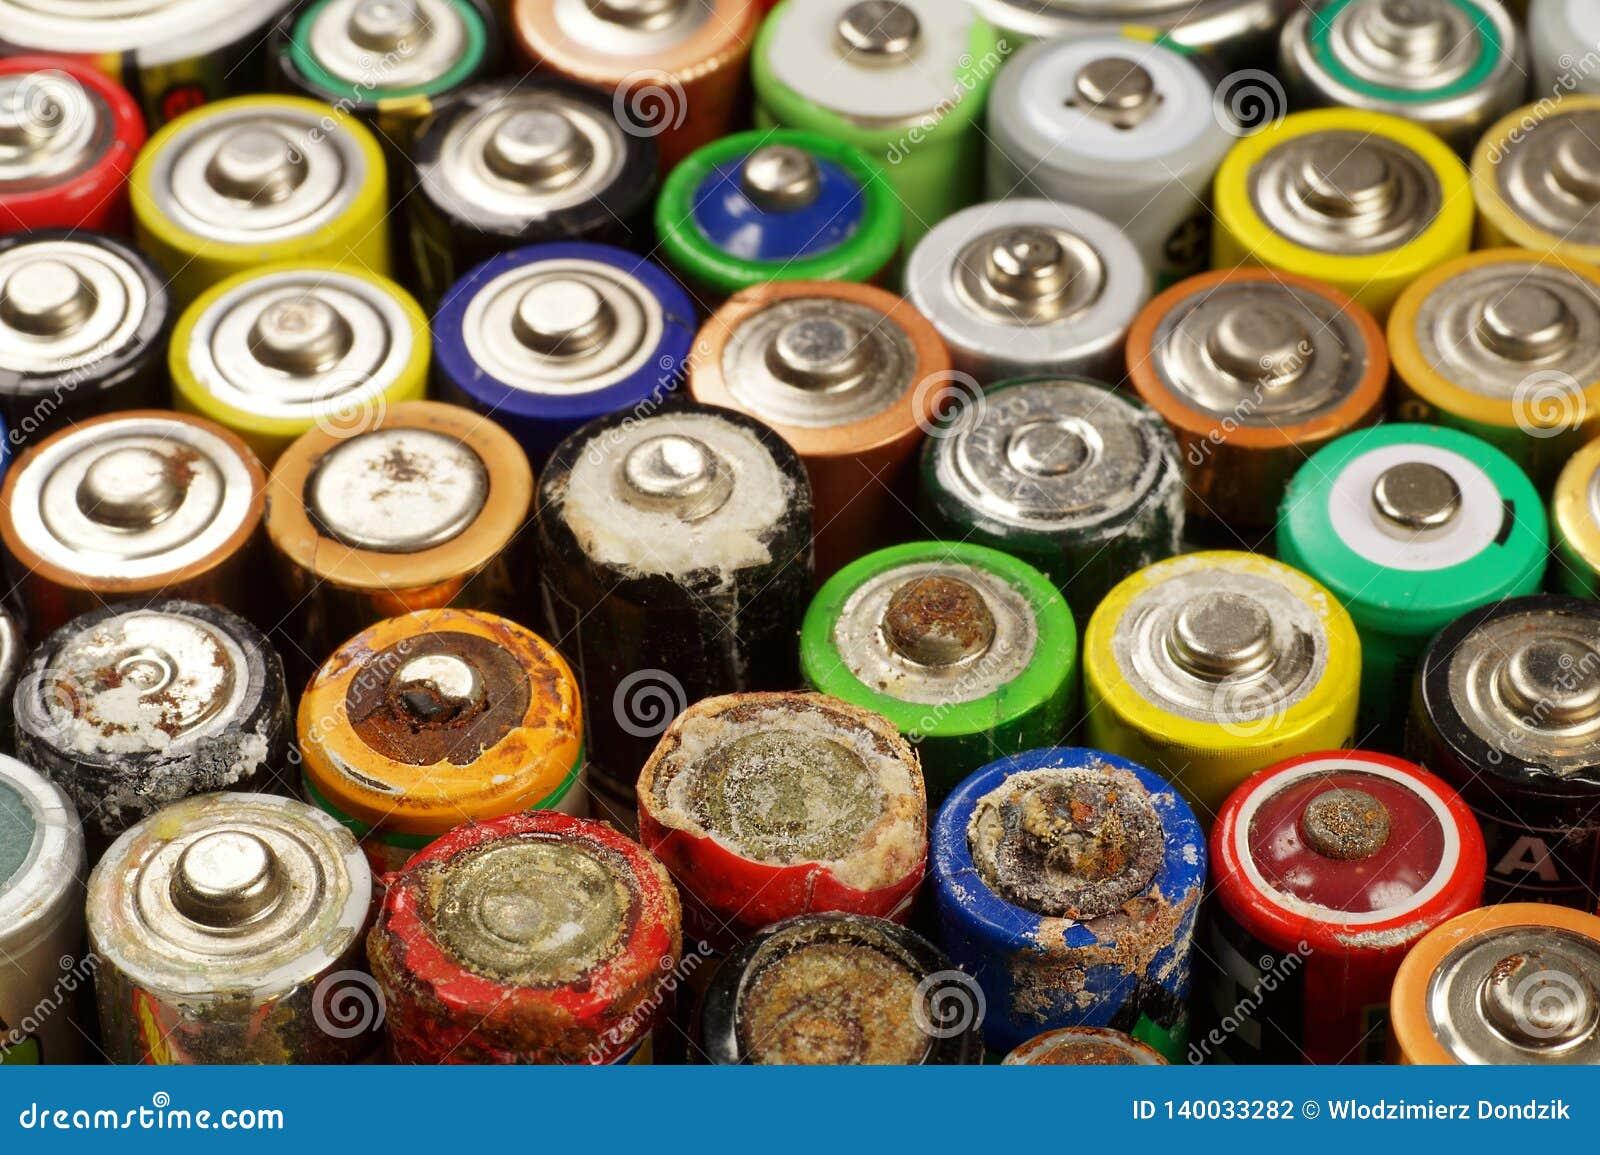 Les batteries et accumulateurs | Bruxelles Environnement